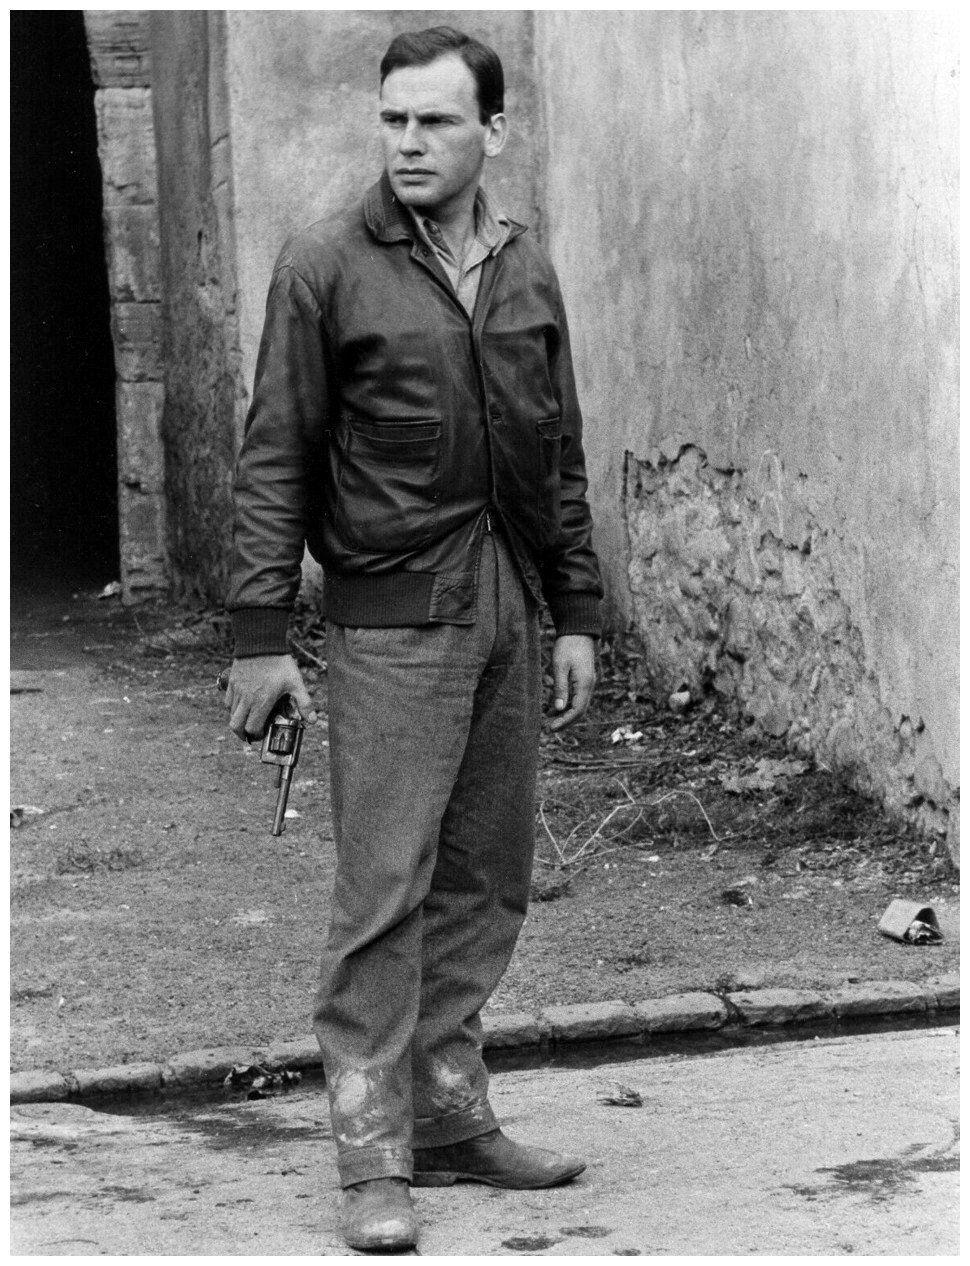 JeanLouis Trintignant, La longue marche 1966 Alexandre